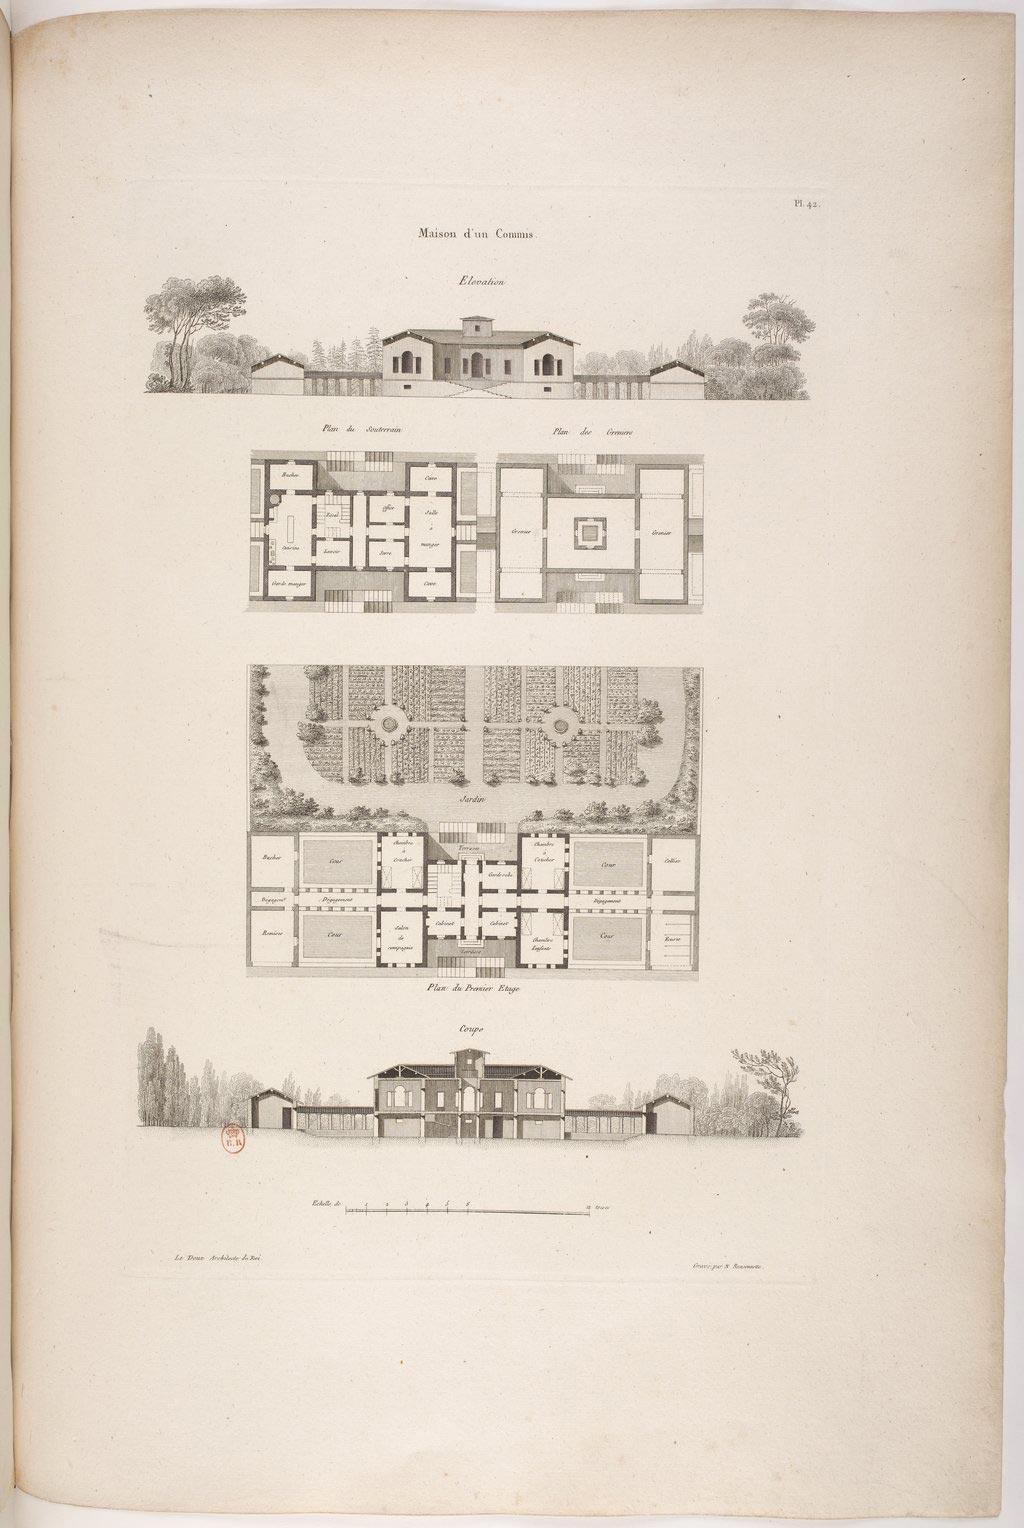 ledoux-claude-architecture-335